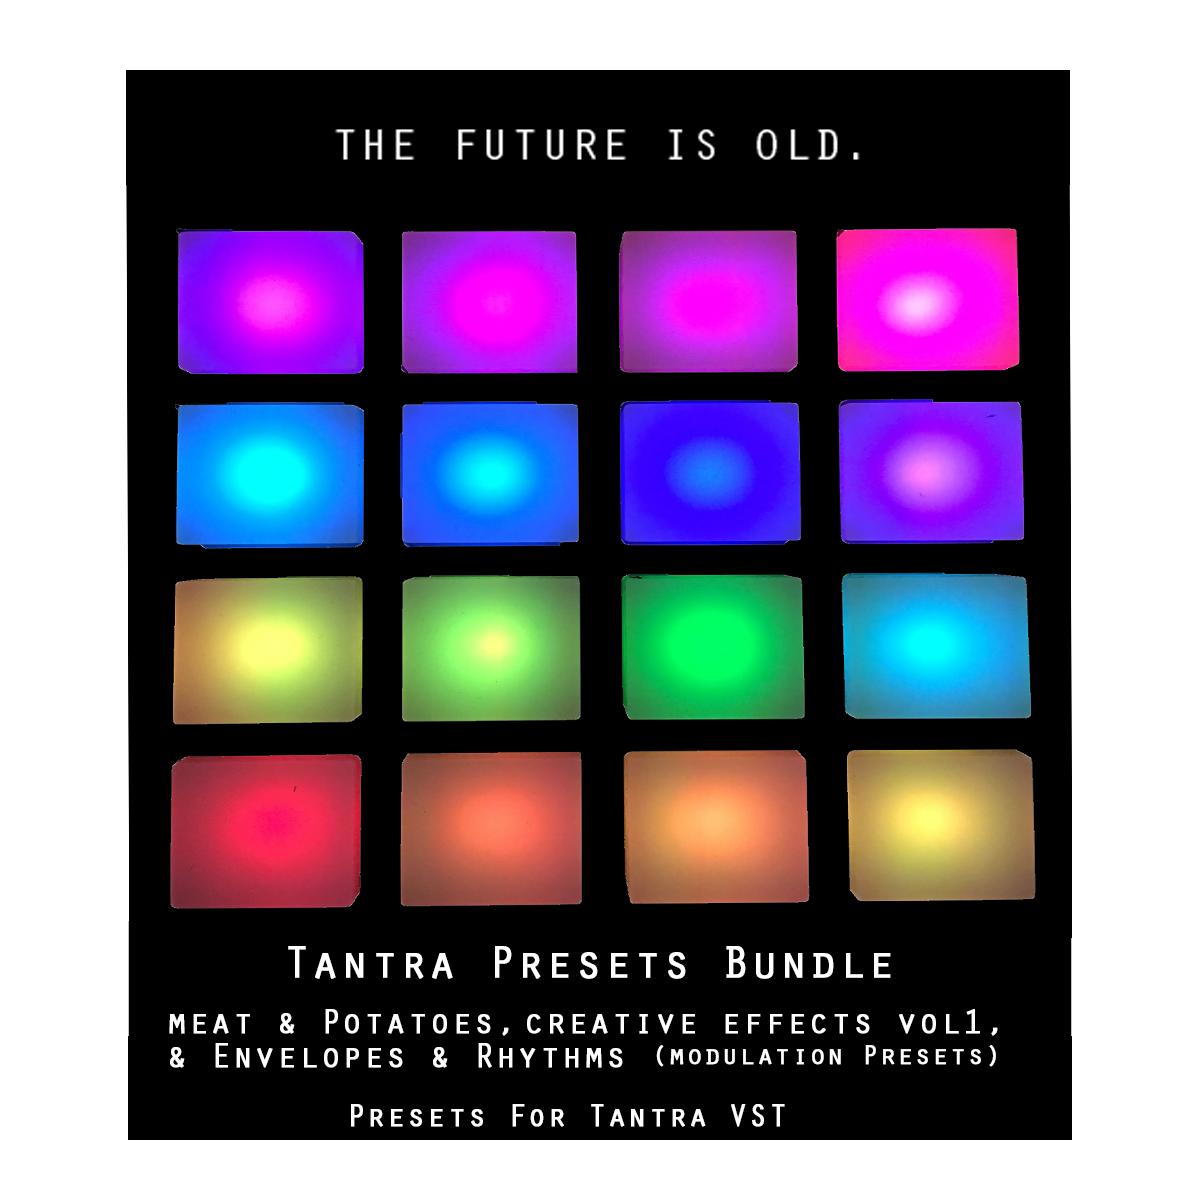 Tantra Presets Bundle